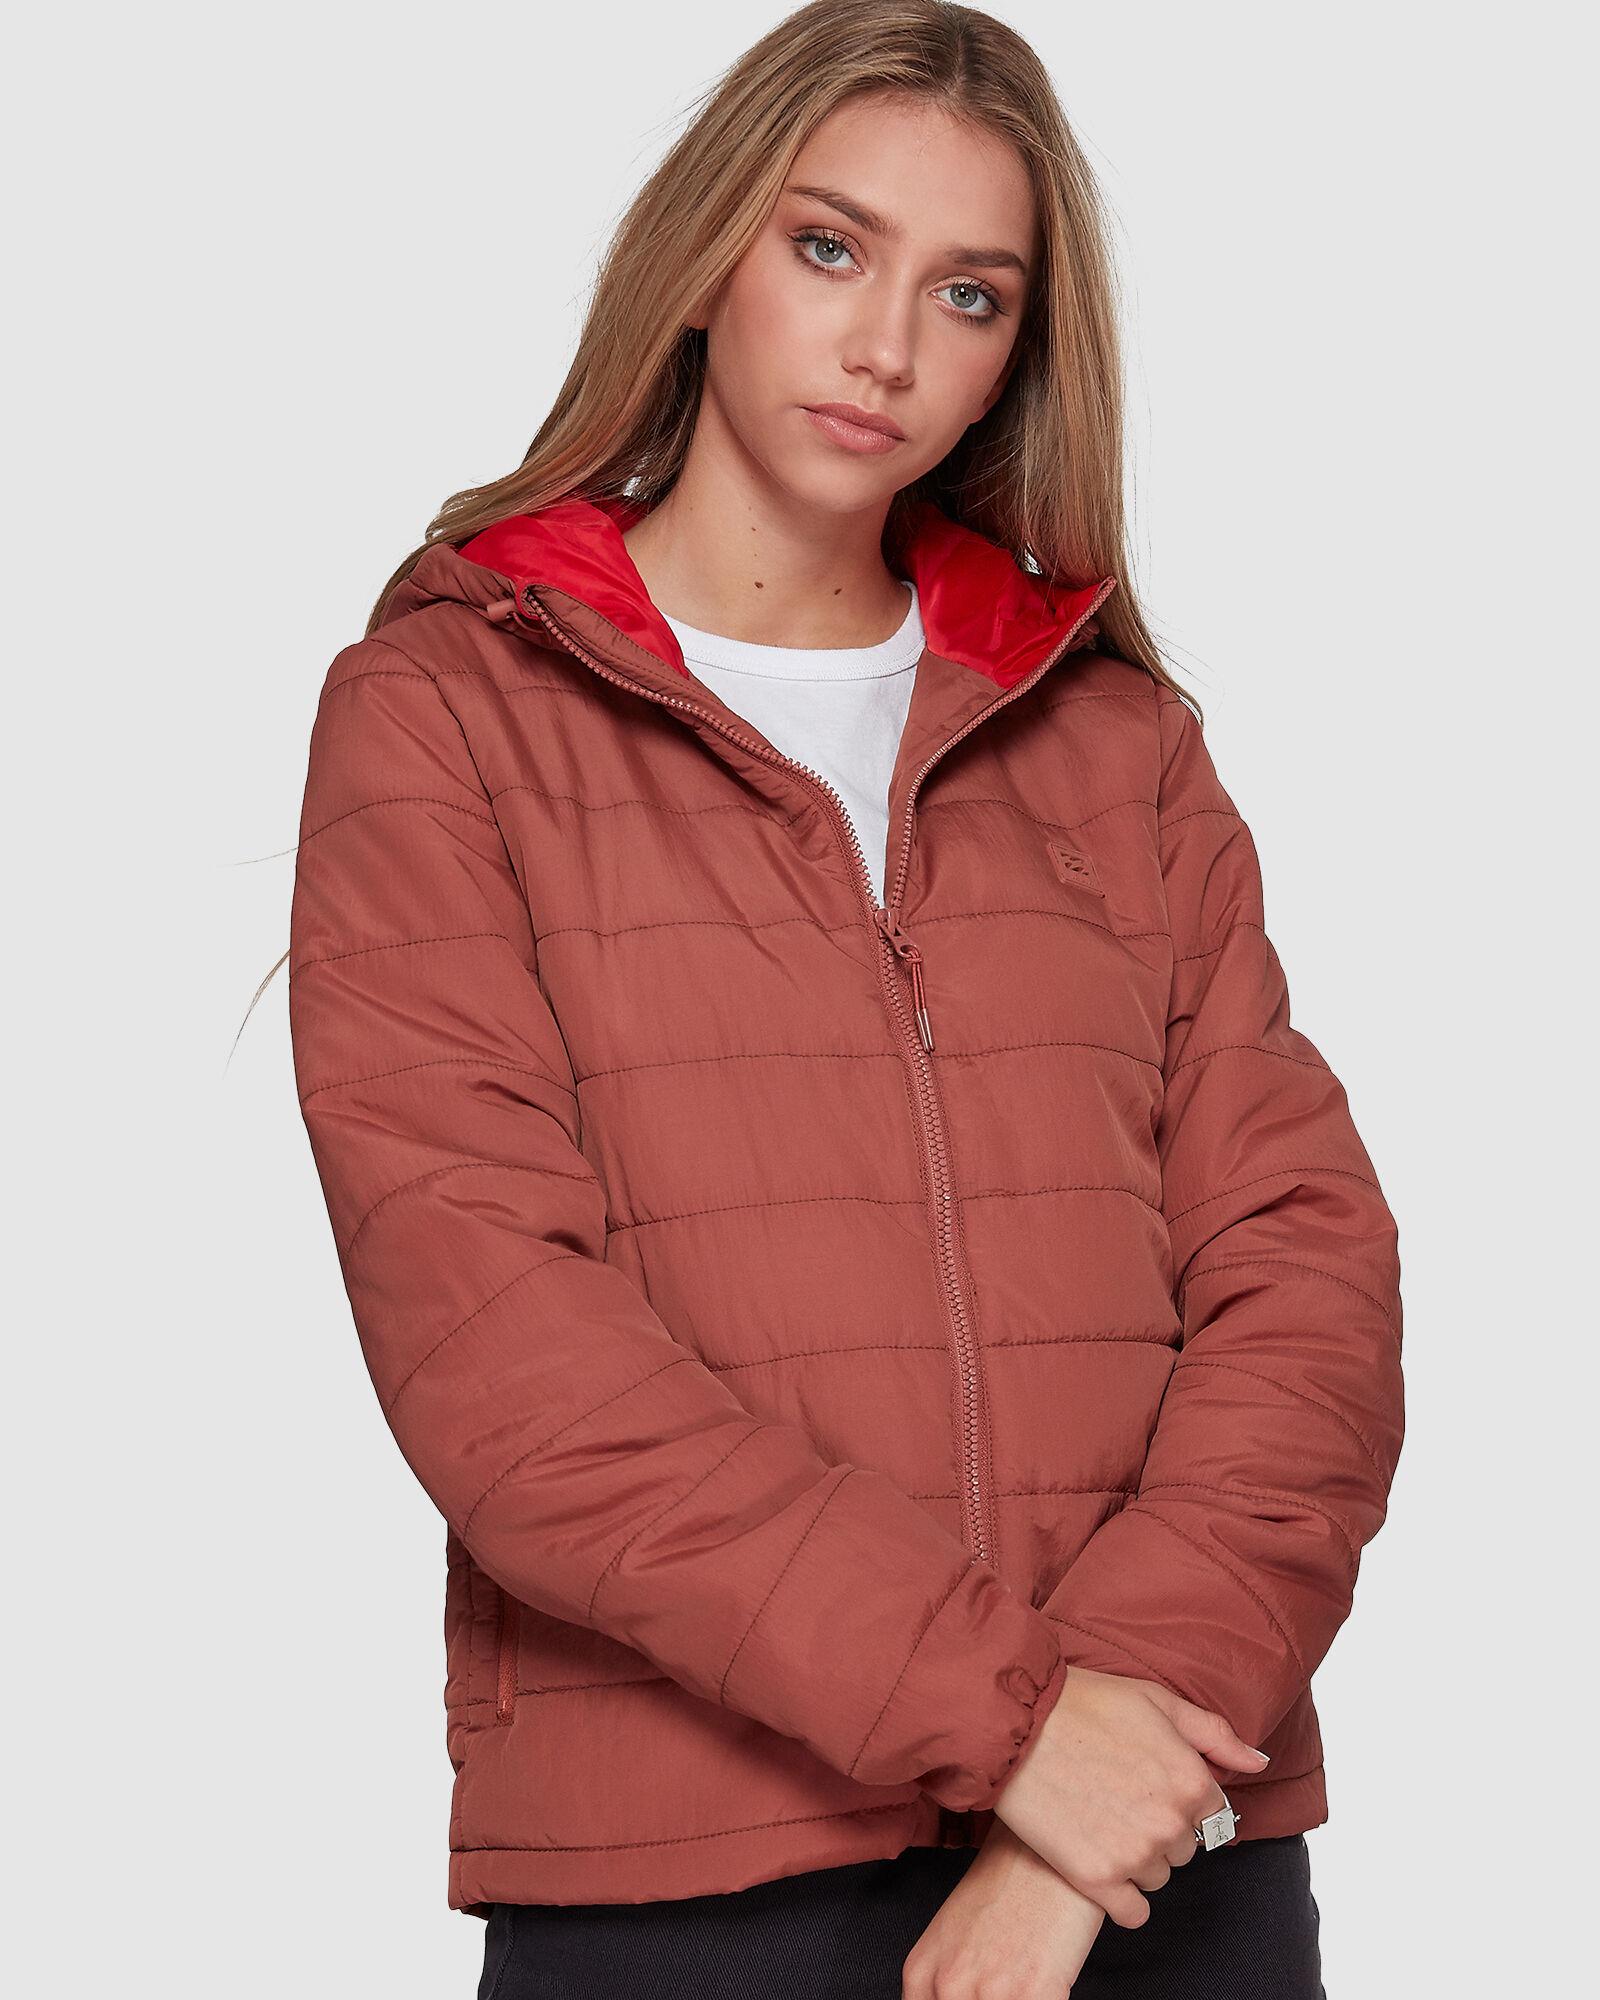 Roxy Girls Night Voyage Puffer Jackets